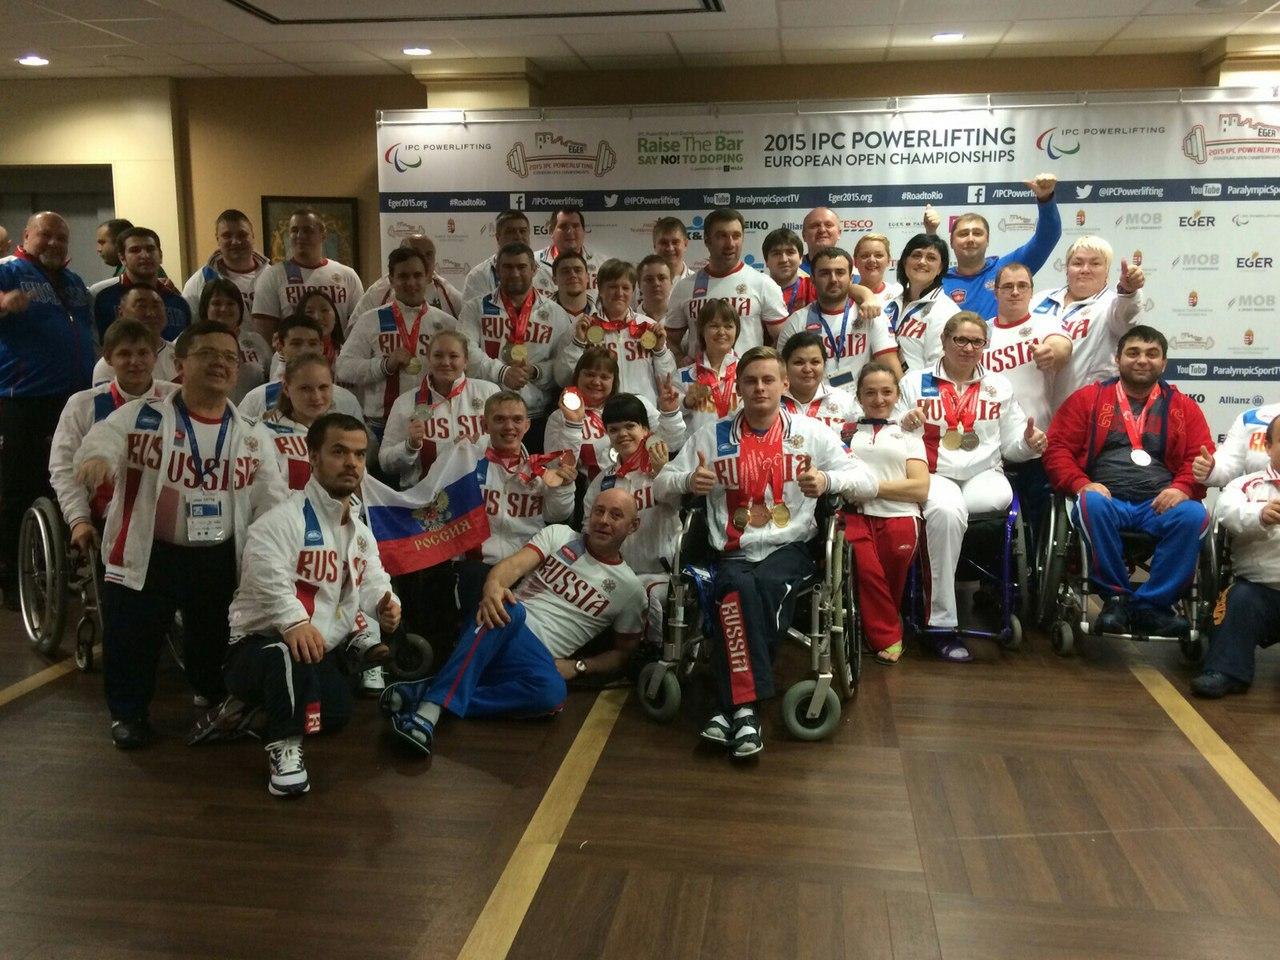 Россияне увенчали 4 золотыми медалями финал чемпионата Европы по пауэрлифтингу спорта лиц с ПОДА в Венгрии, победив в общекомандном зачете